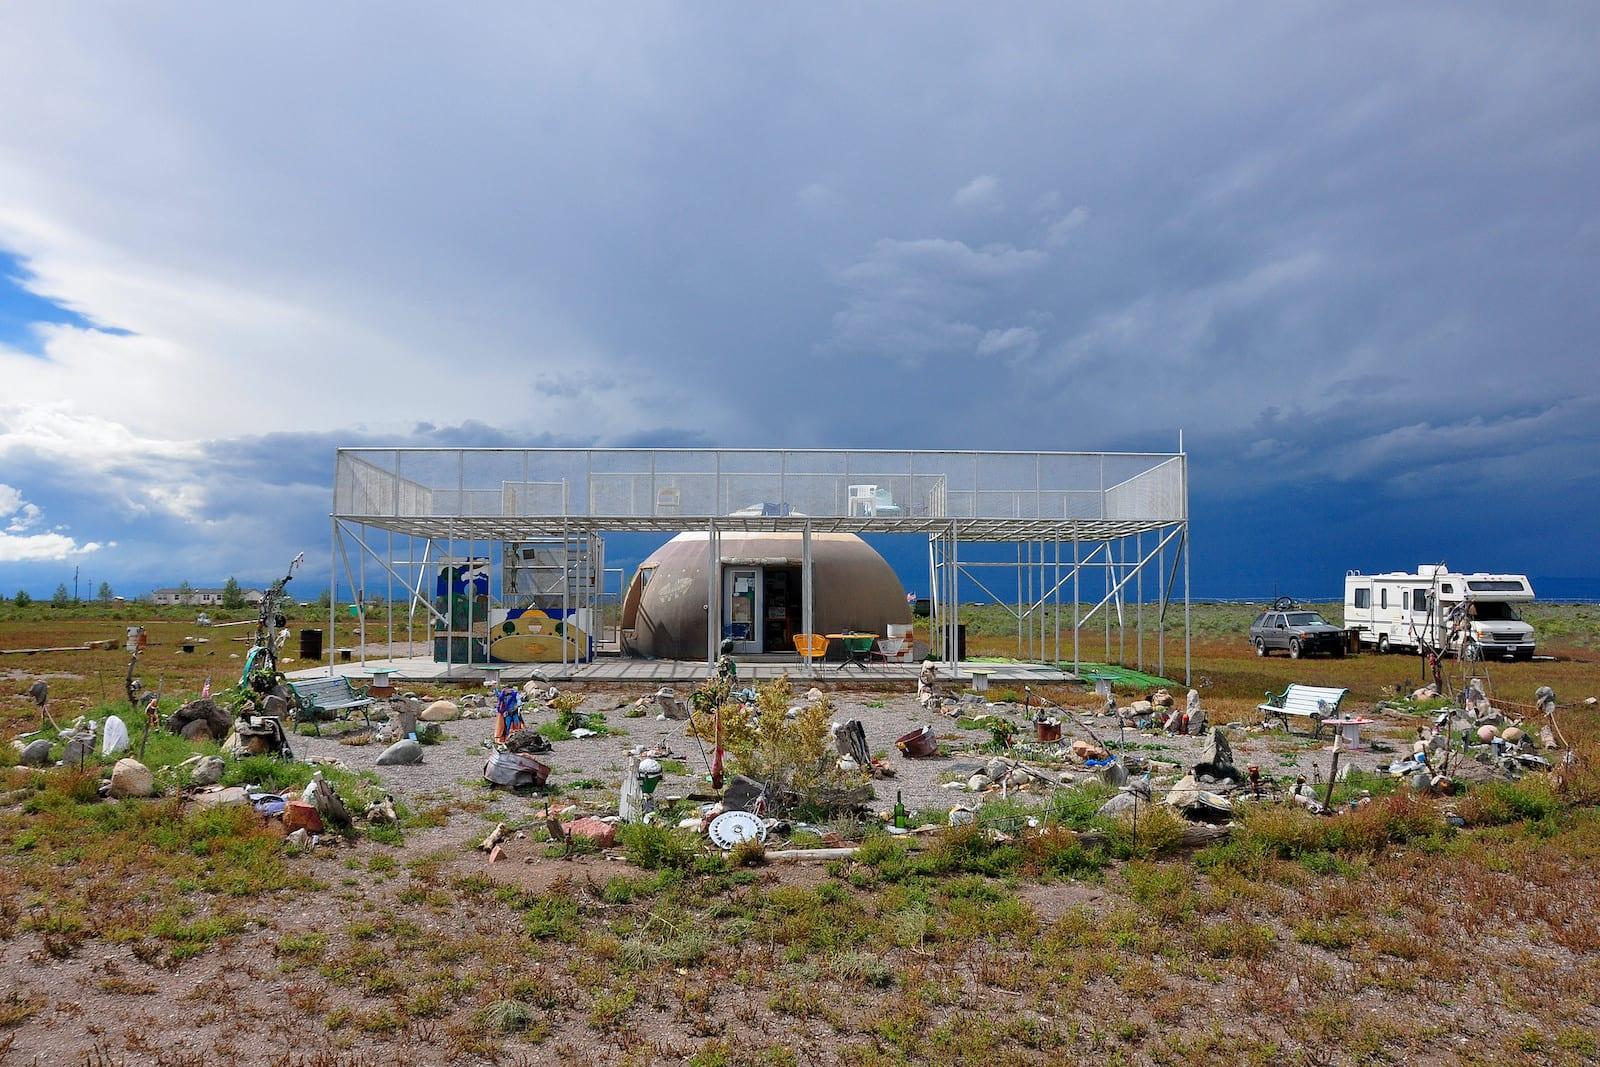 UFO Watchtower Highway 17 Hooper Colorado